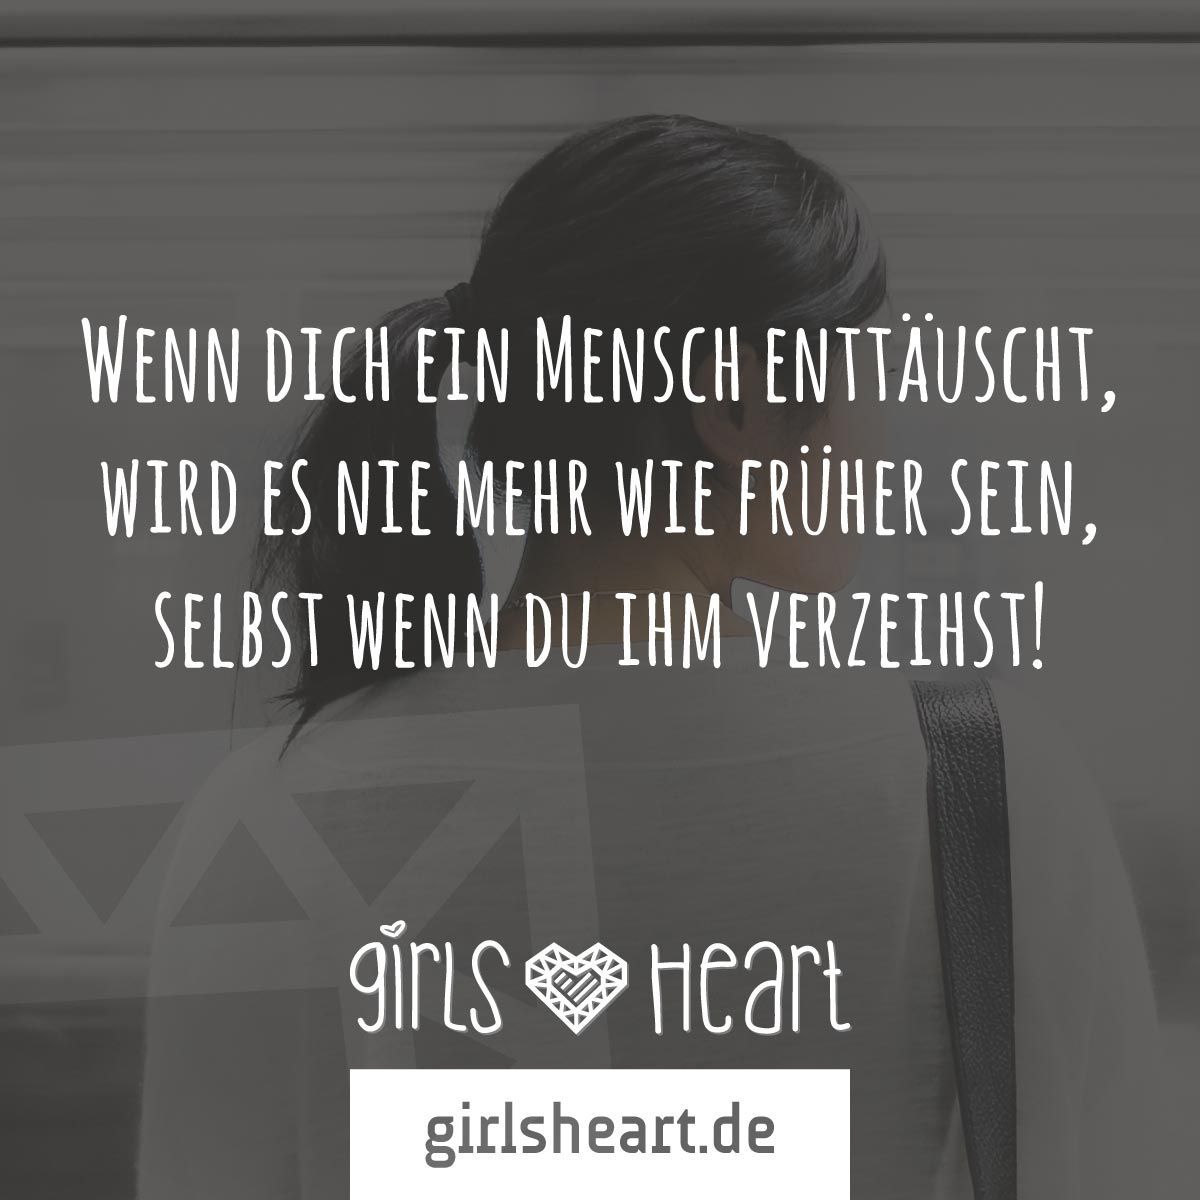 enttäuschung sprüche Mehr Sprüche auf: .girlsheart.de #enttäuschung #verzeihen  enttäuschung sprüche